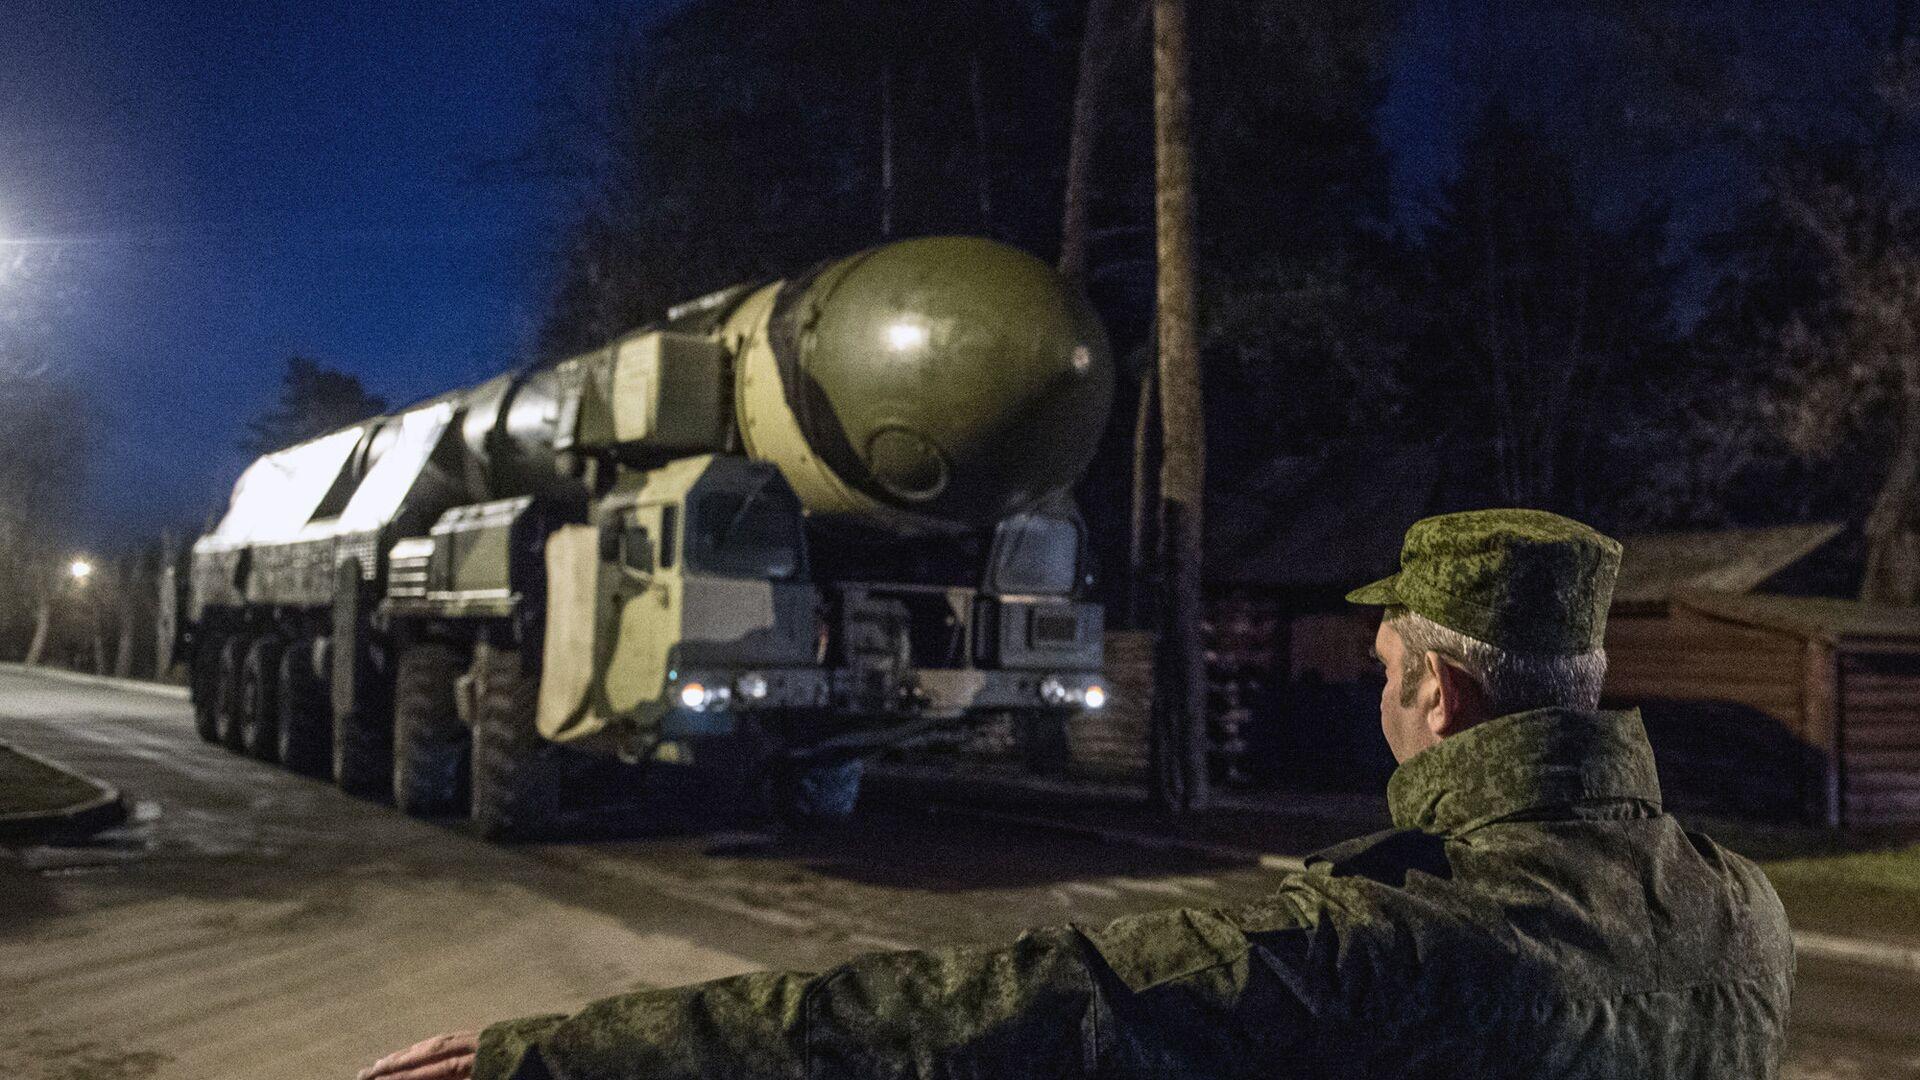 Обломок украинской ракеты мог столкнуться со спутником, считает эксперт